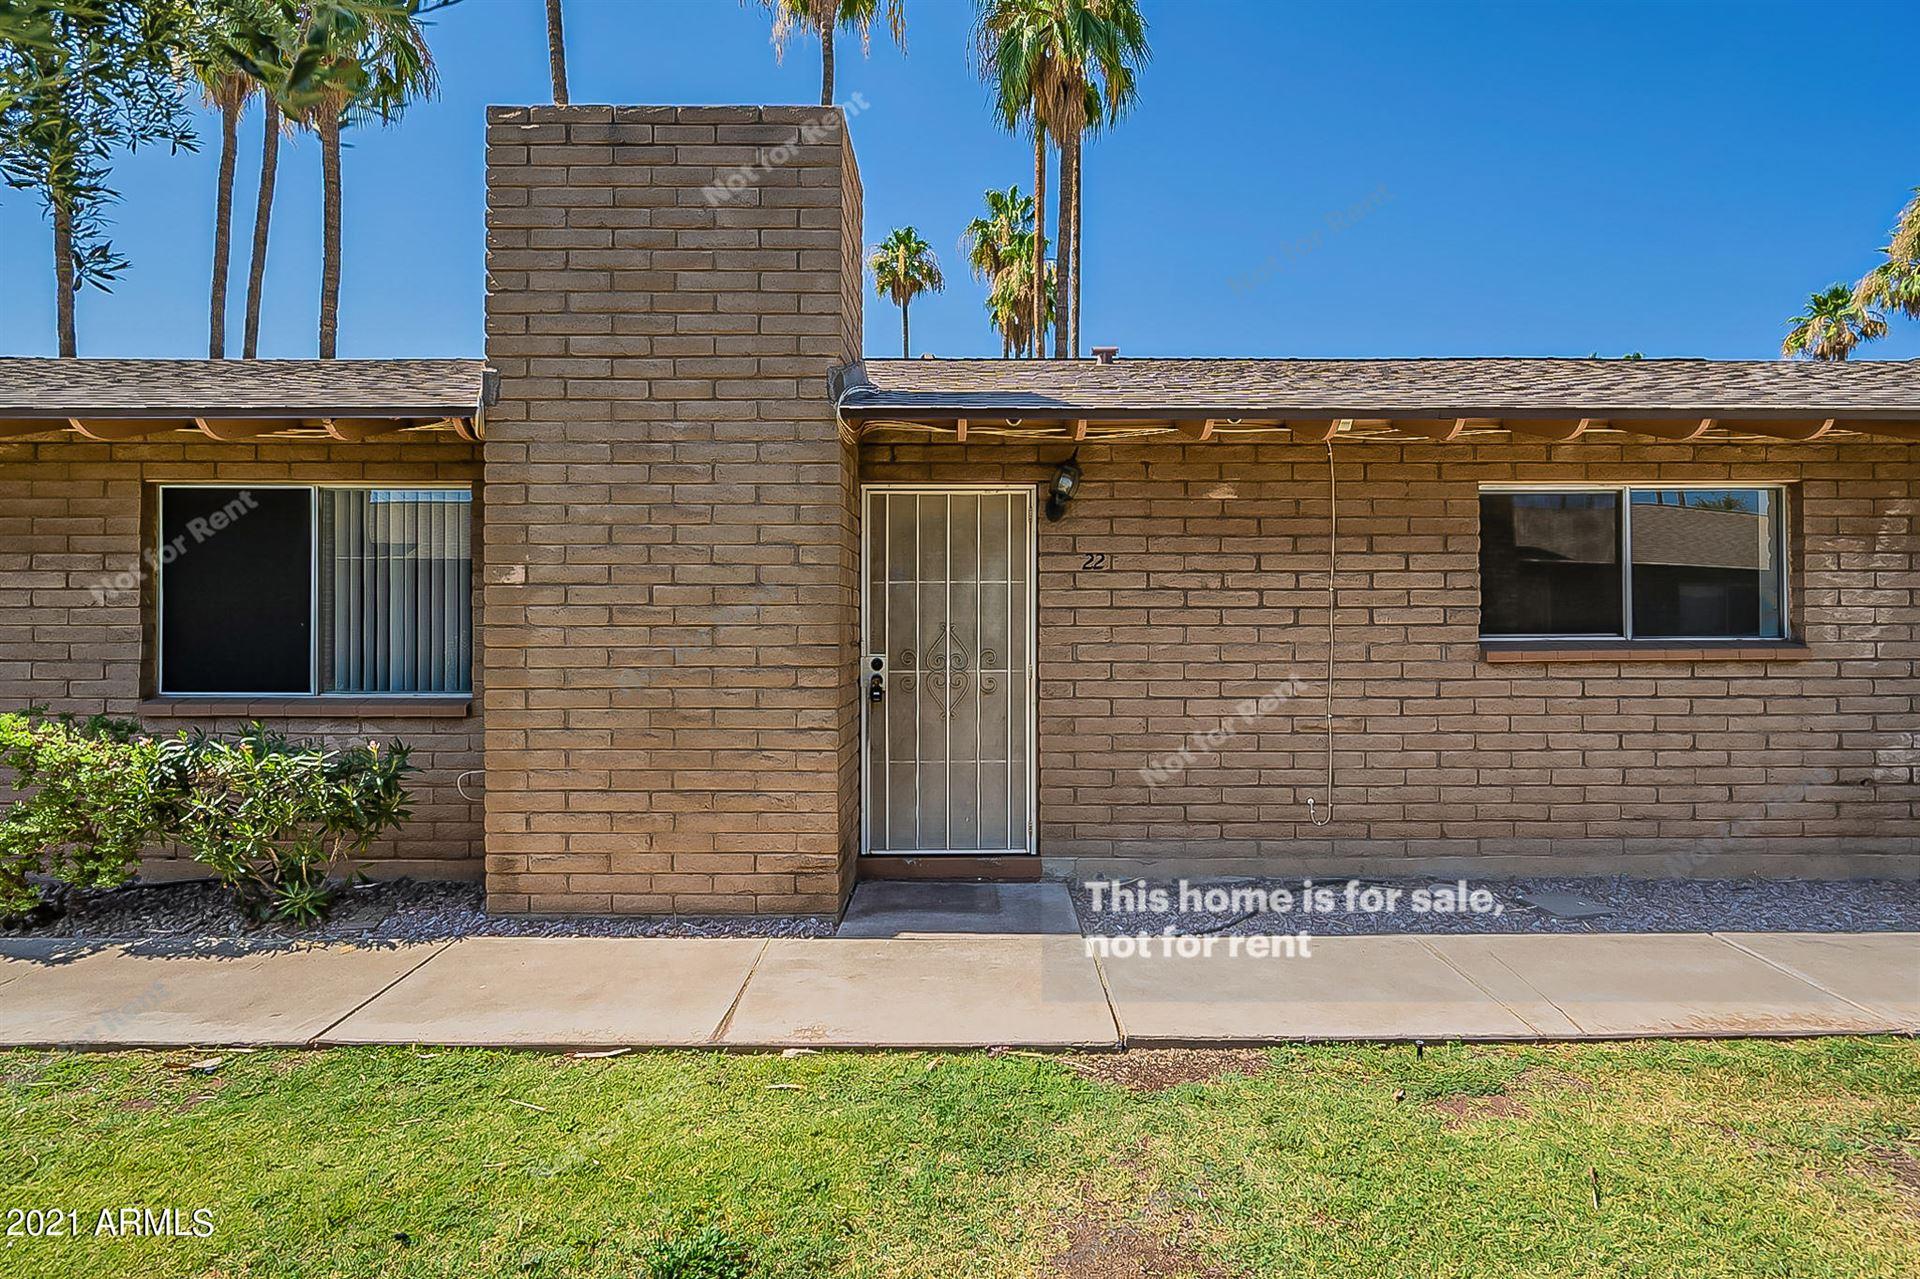 3031 S RURAL Road #22, Tempe, AZ 85282 - MLS#: 6254044